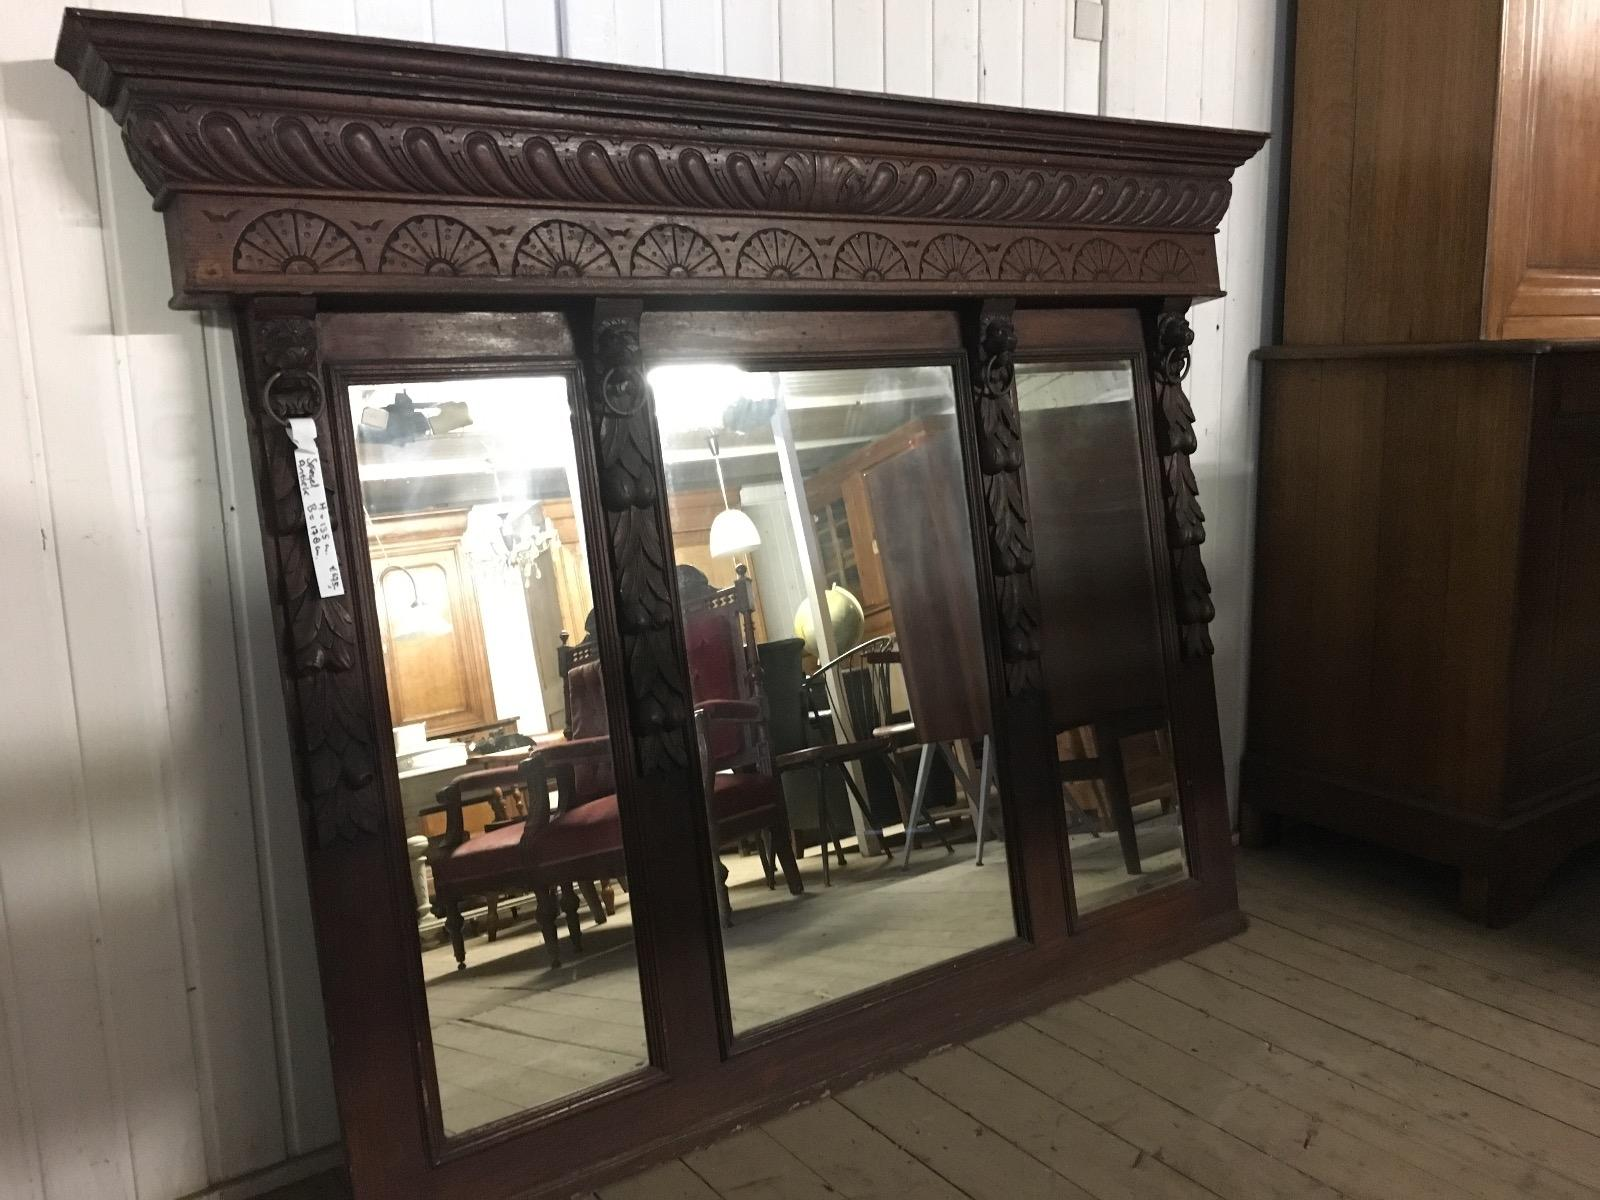 Grote Spiegel Hout : Antieke spiegels winkelinrichtingen burbri